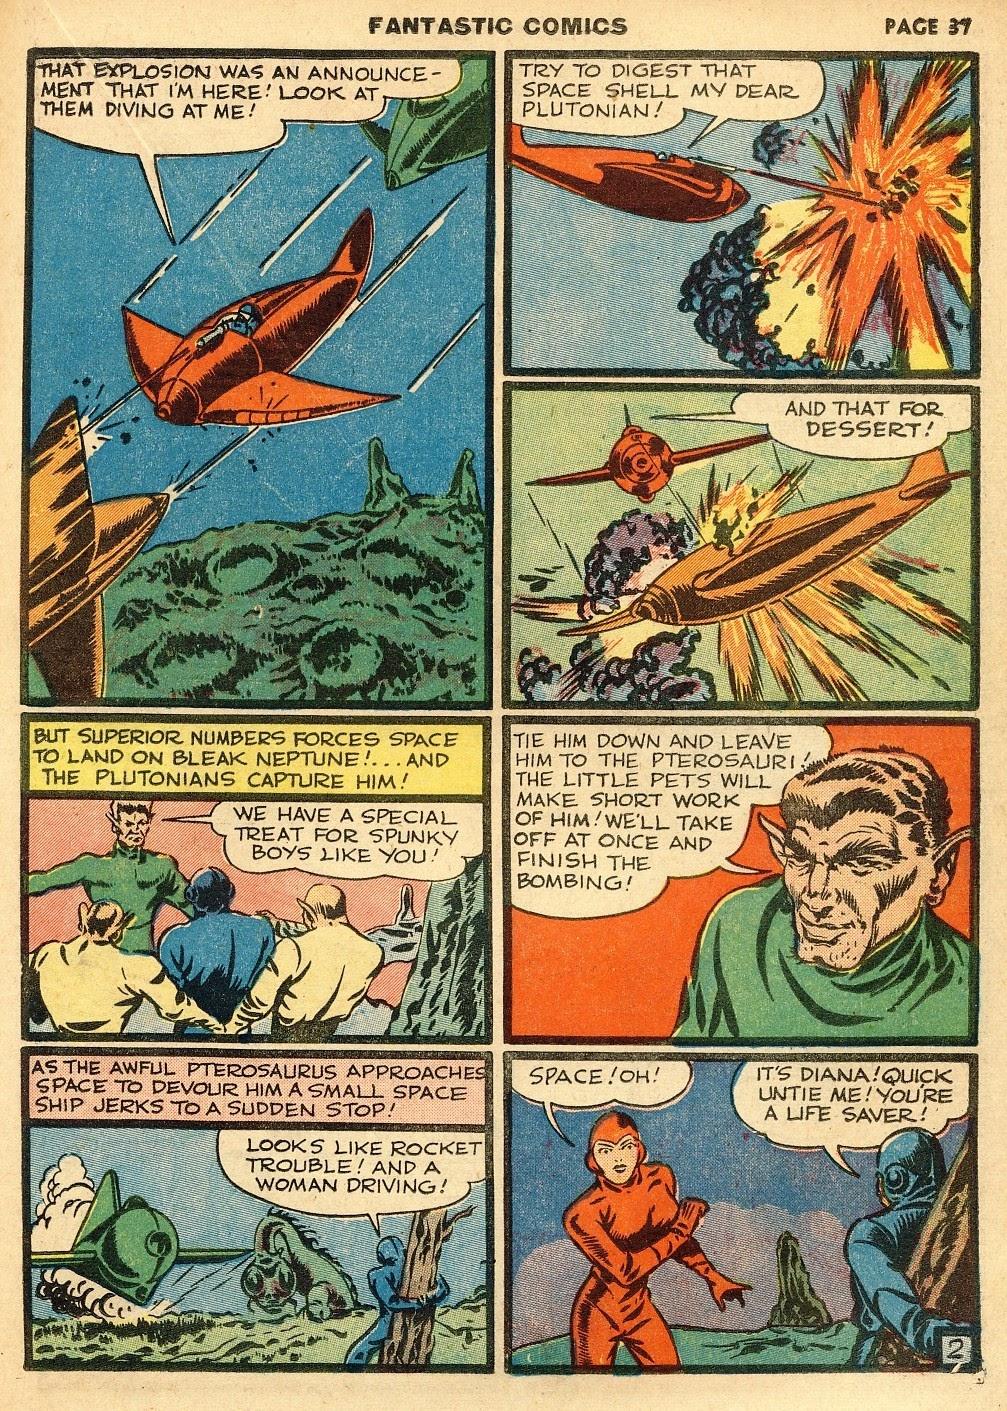 Read online Fantastic Comics comic -  Issue #10 - 38